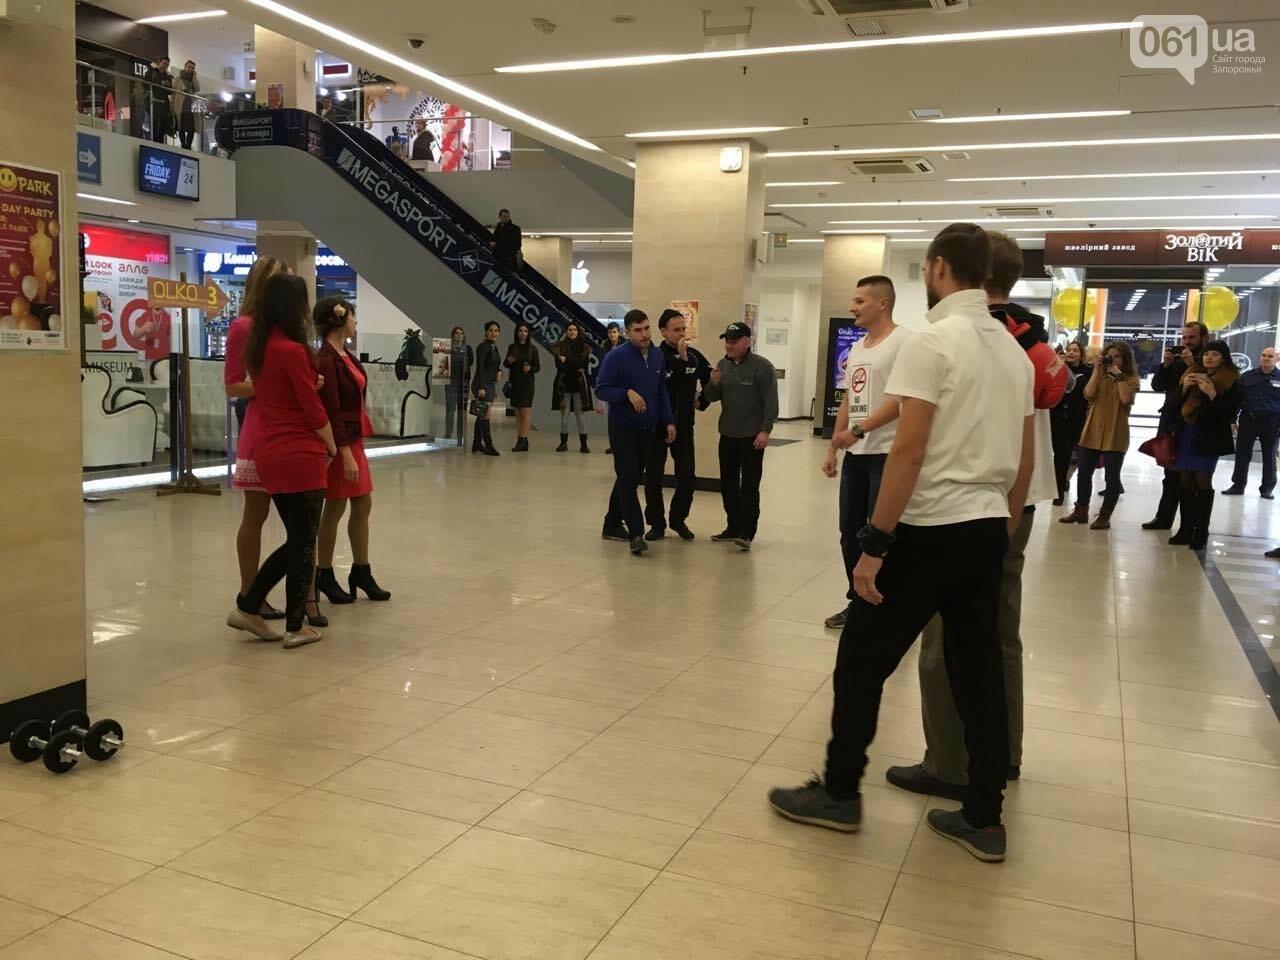 В запорожском торговом центре провели флешмоб против курения, - ФОТО, ВИДЕО, фото-3